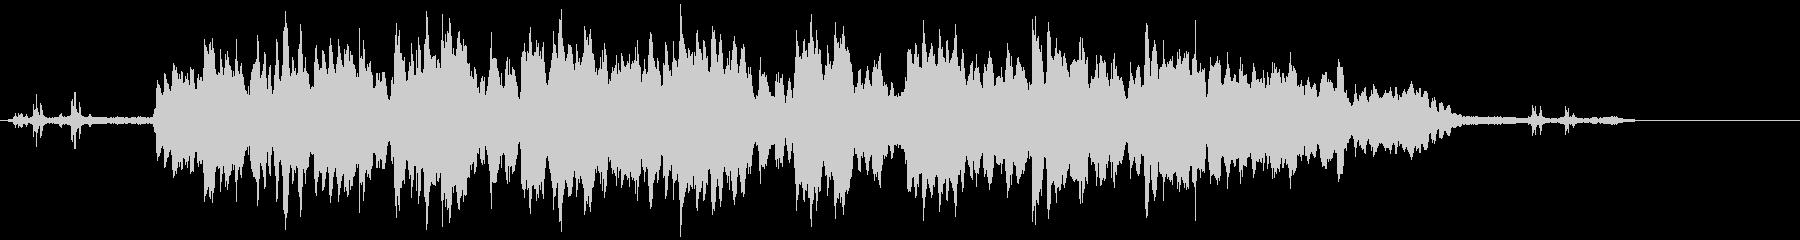 ガムランのサウンドですの未再生の波形